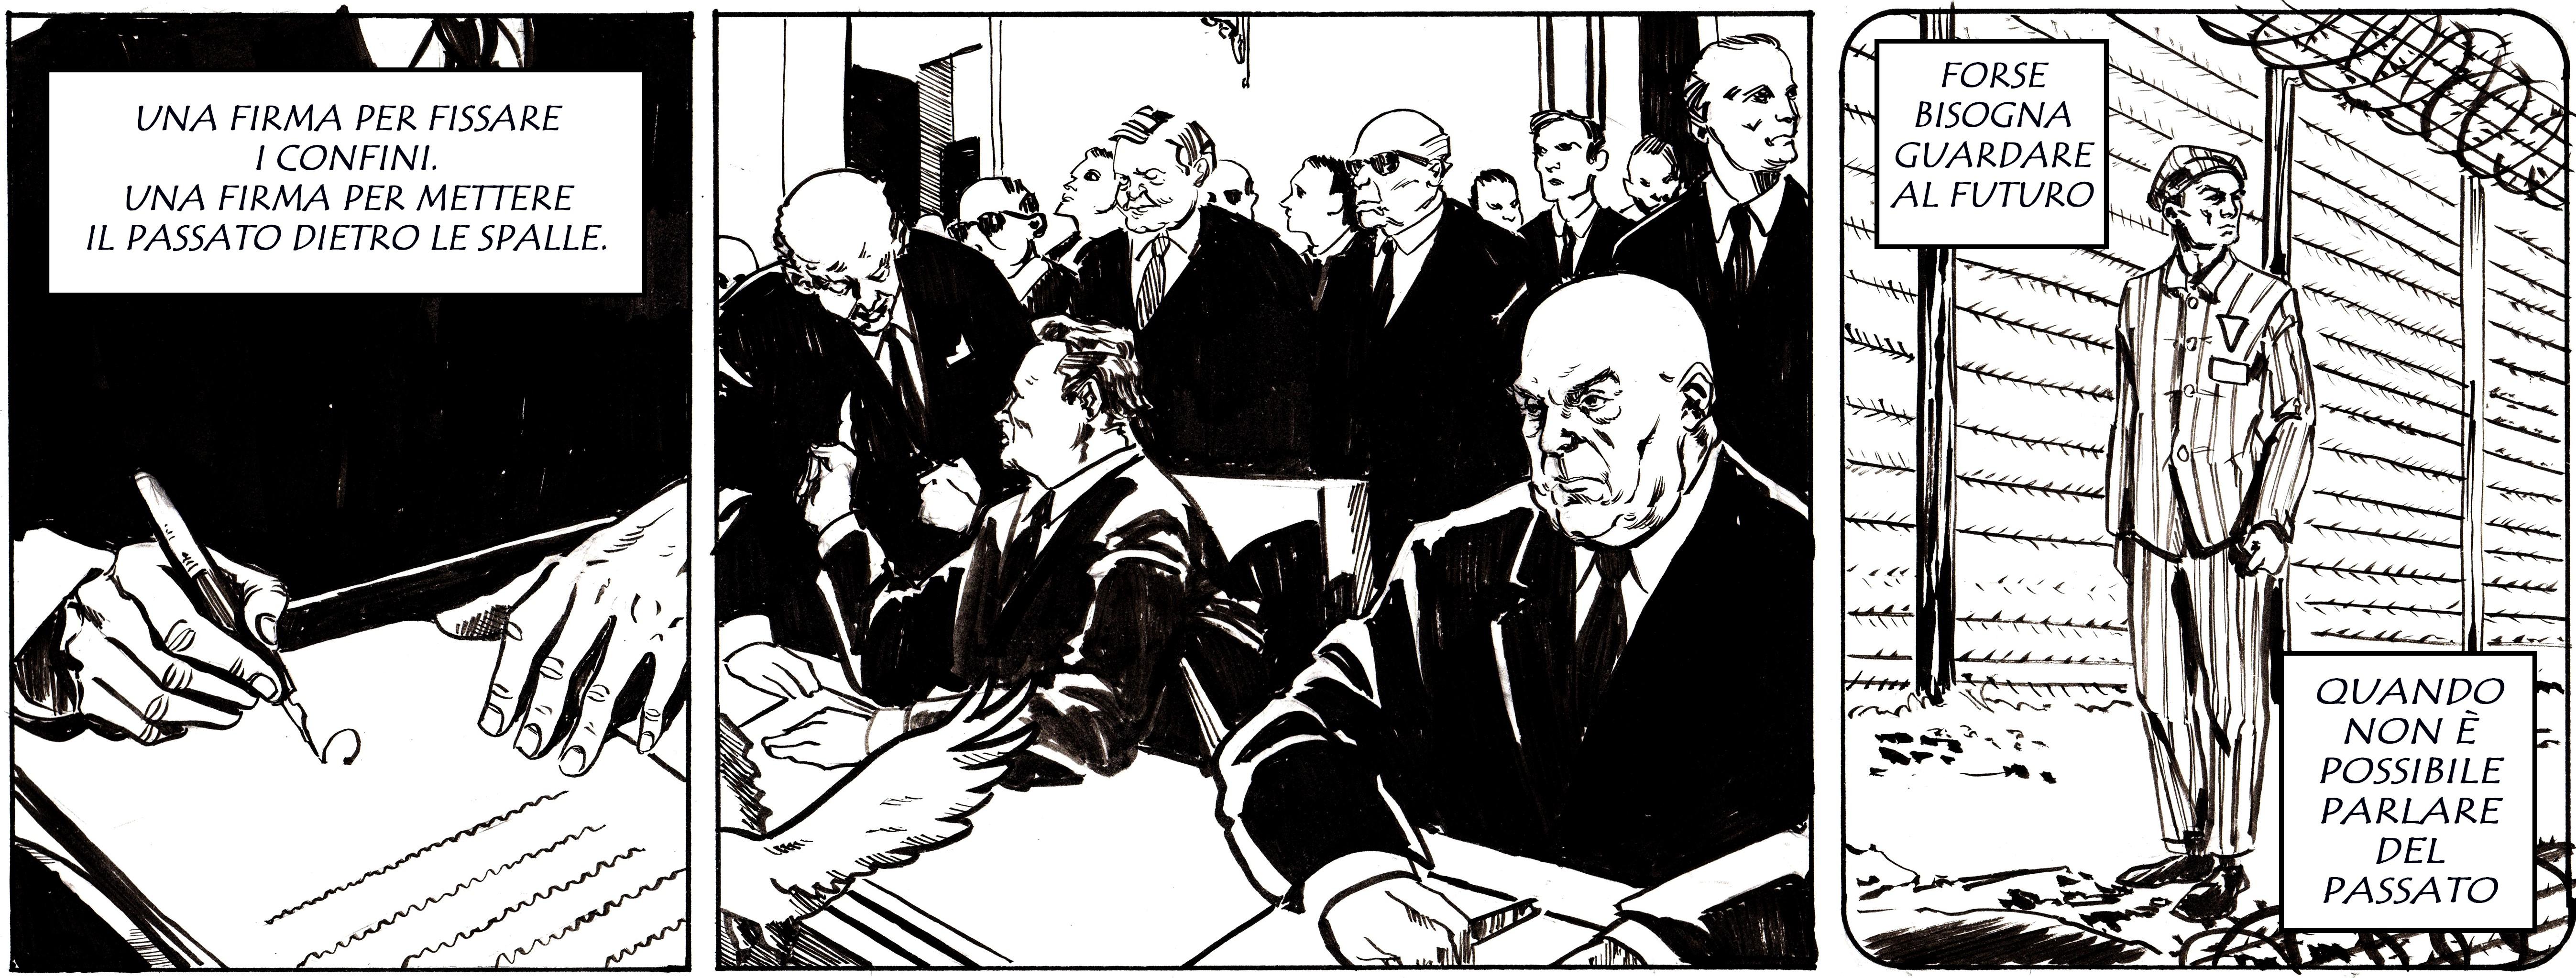 La firma del Trattato di Varsavia. Disegno di Giulia Giaccaglia ©